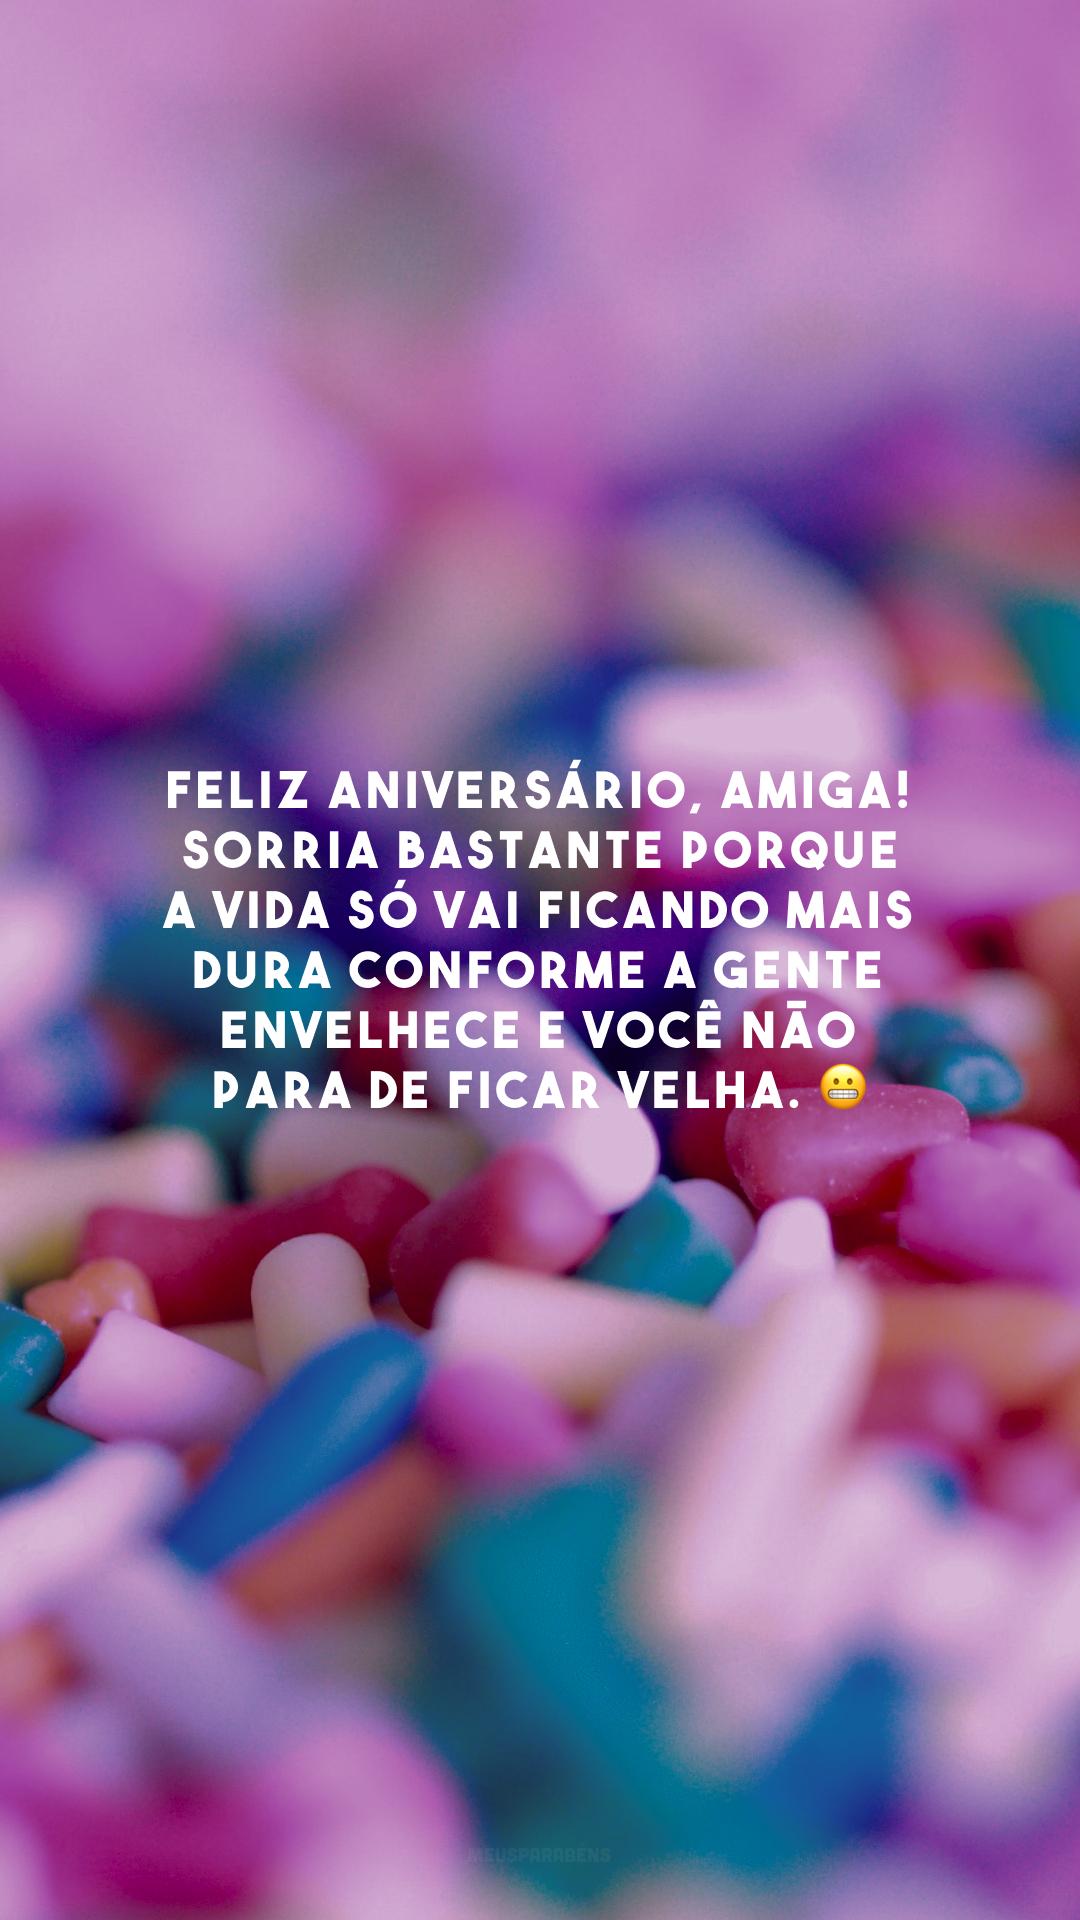 Feliz aniversário, amiga! Sorria bastante porque a vida só vai ficando mais dura conforme a gente envelhece e você não para de ficar velha. 😬